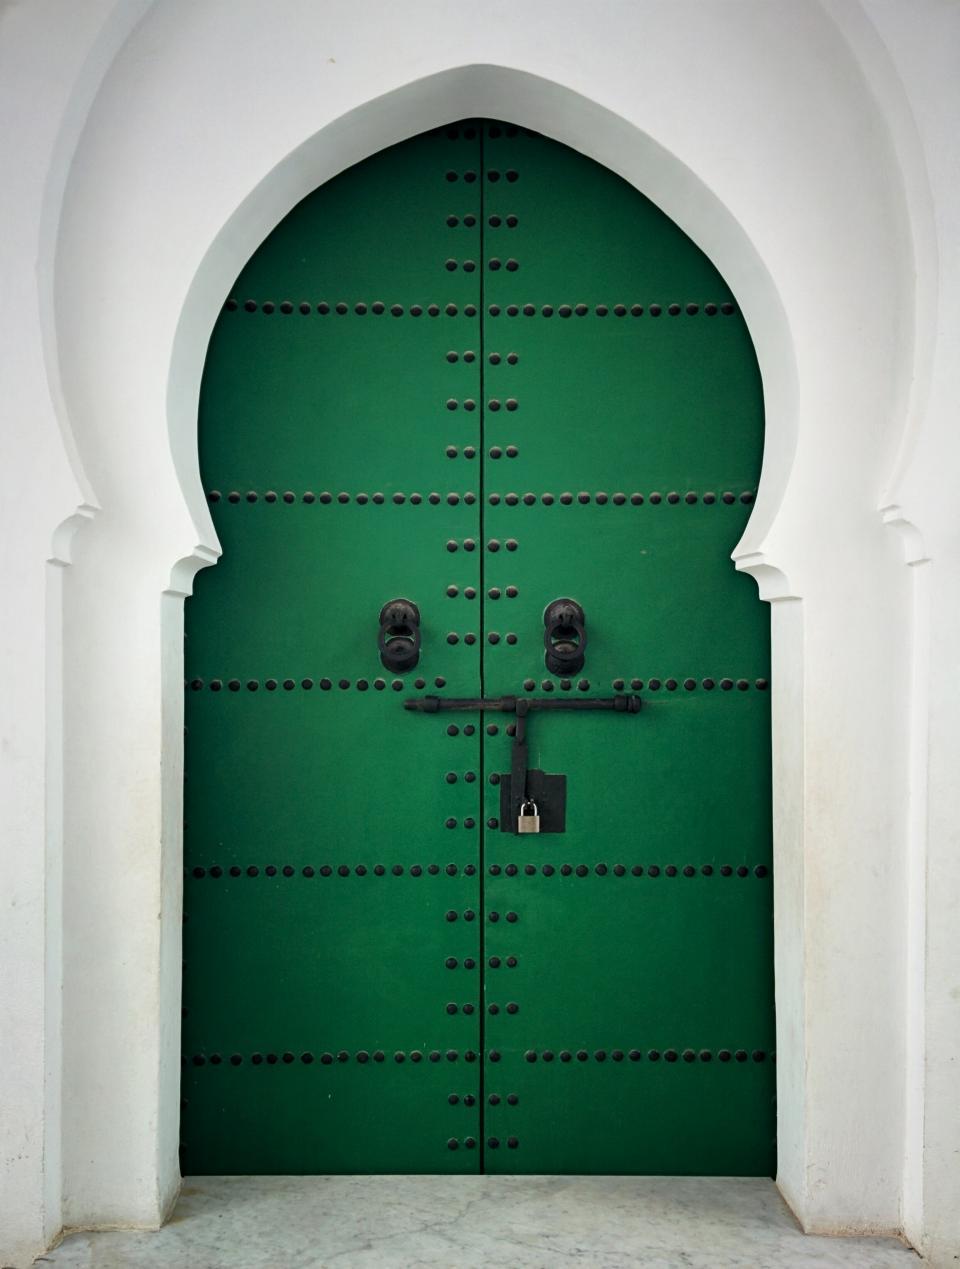 door, structure, infrastructure, design, lock, establishment, building